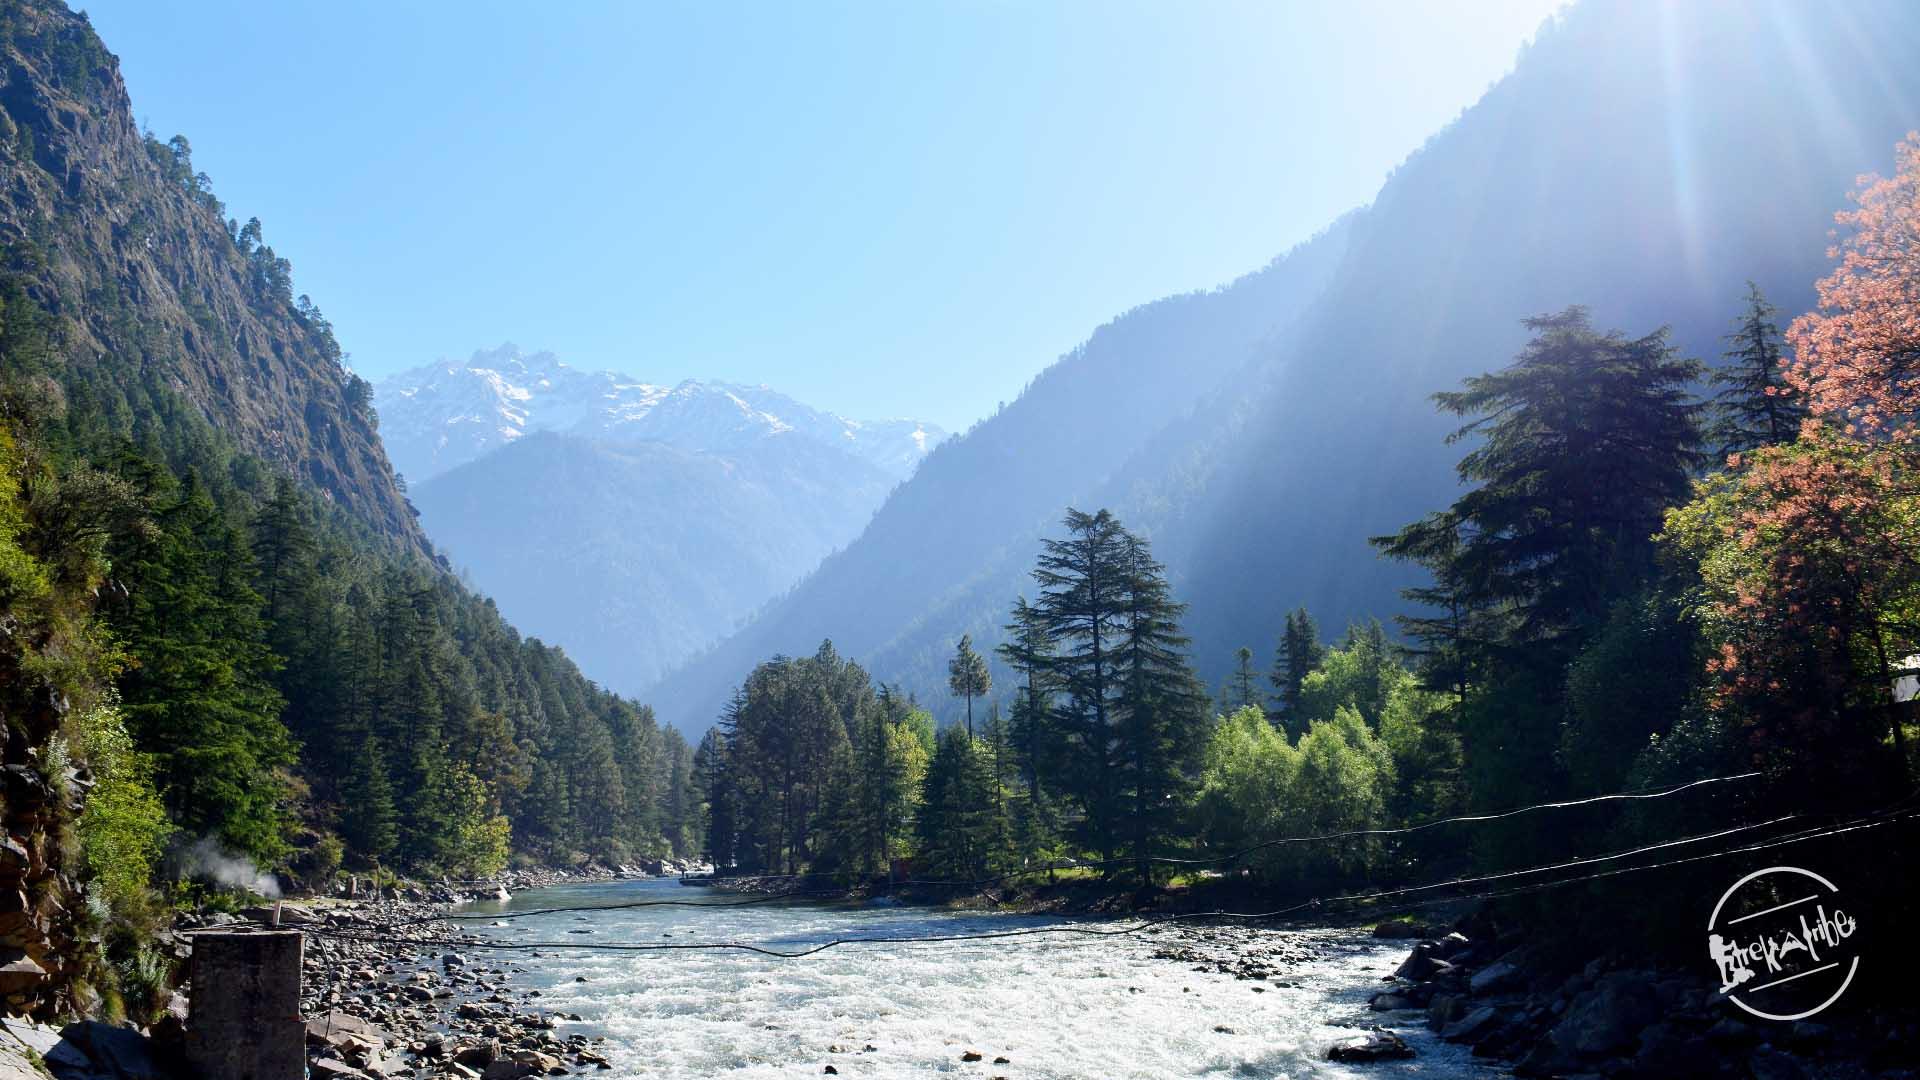 Rasol Trek - Parvati river